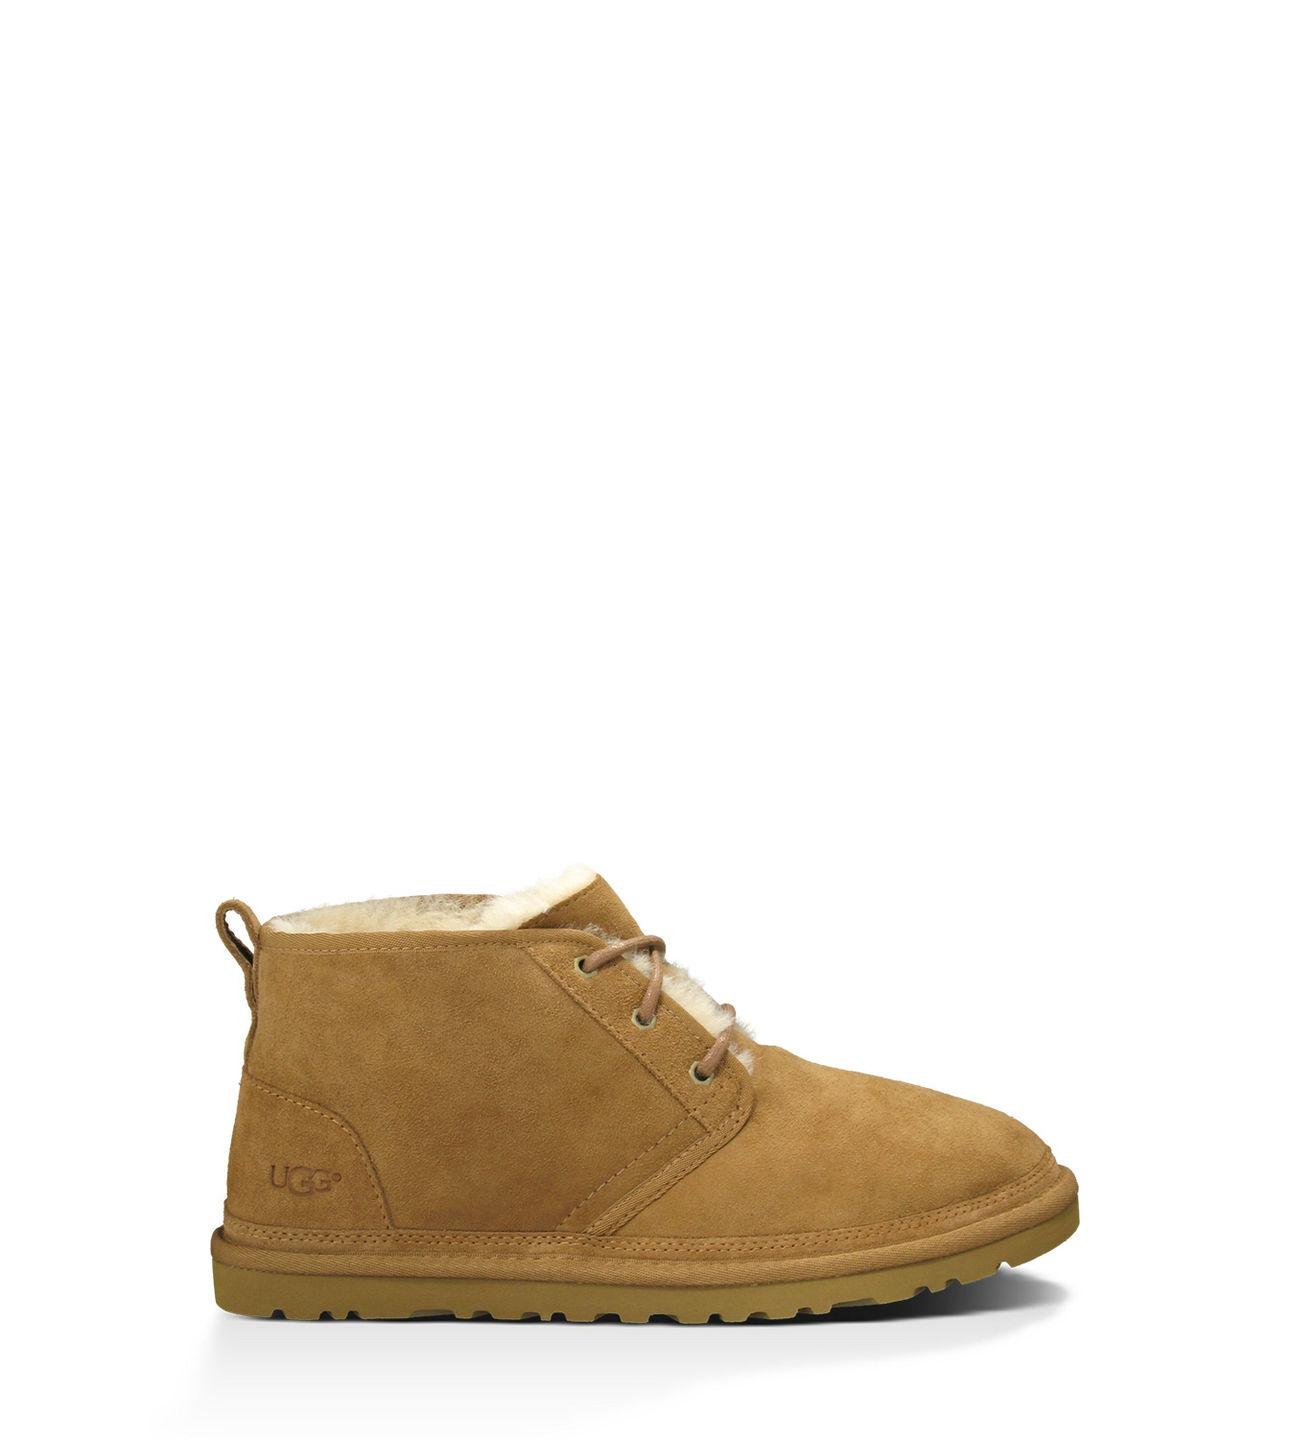 buy ugg australia boots